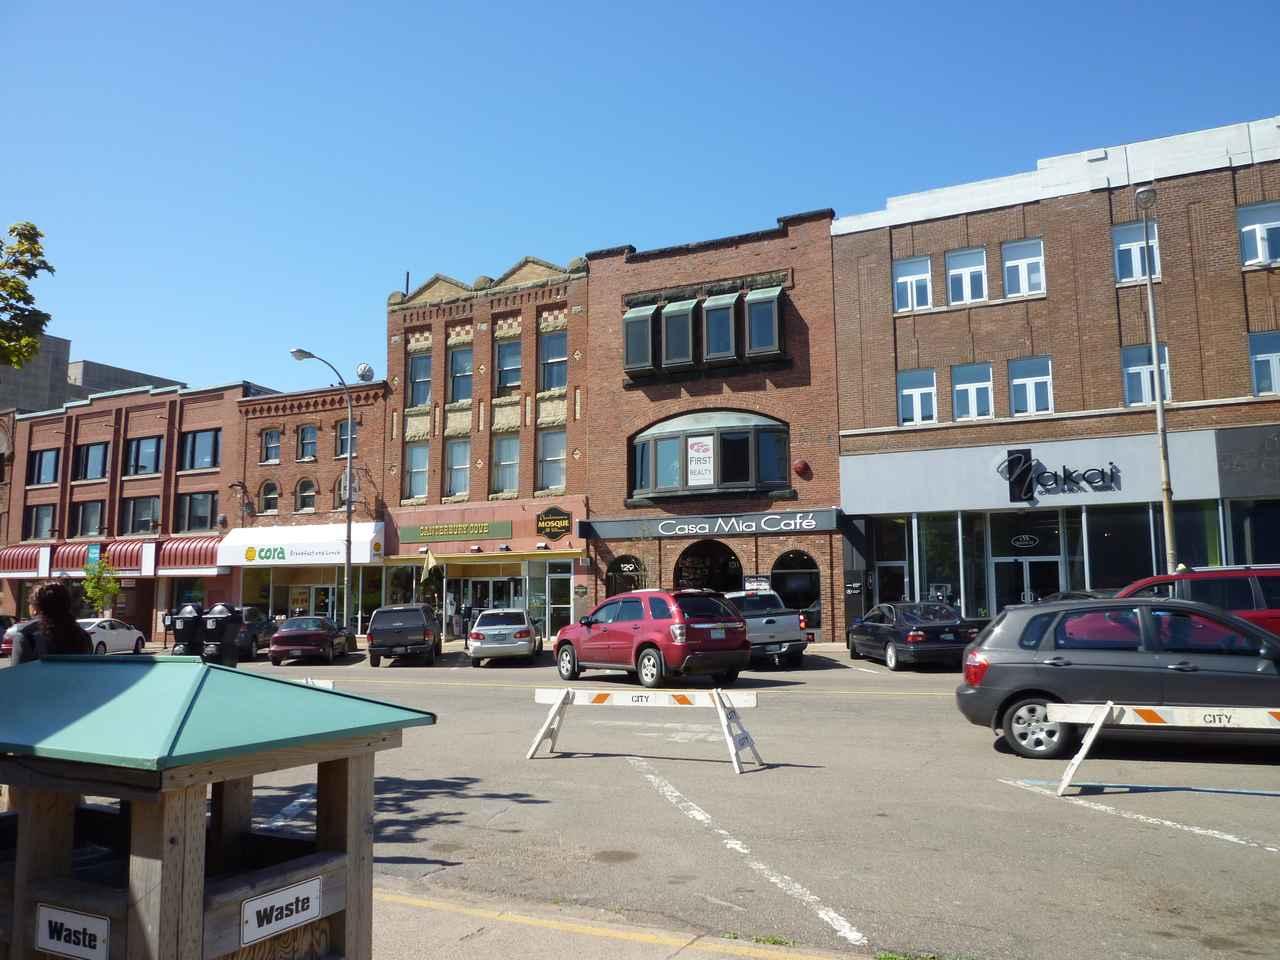 画像: 趣ある建物が並ぶシャーロットタウンの街並み